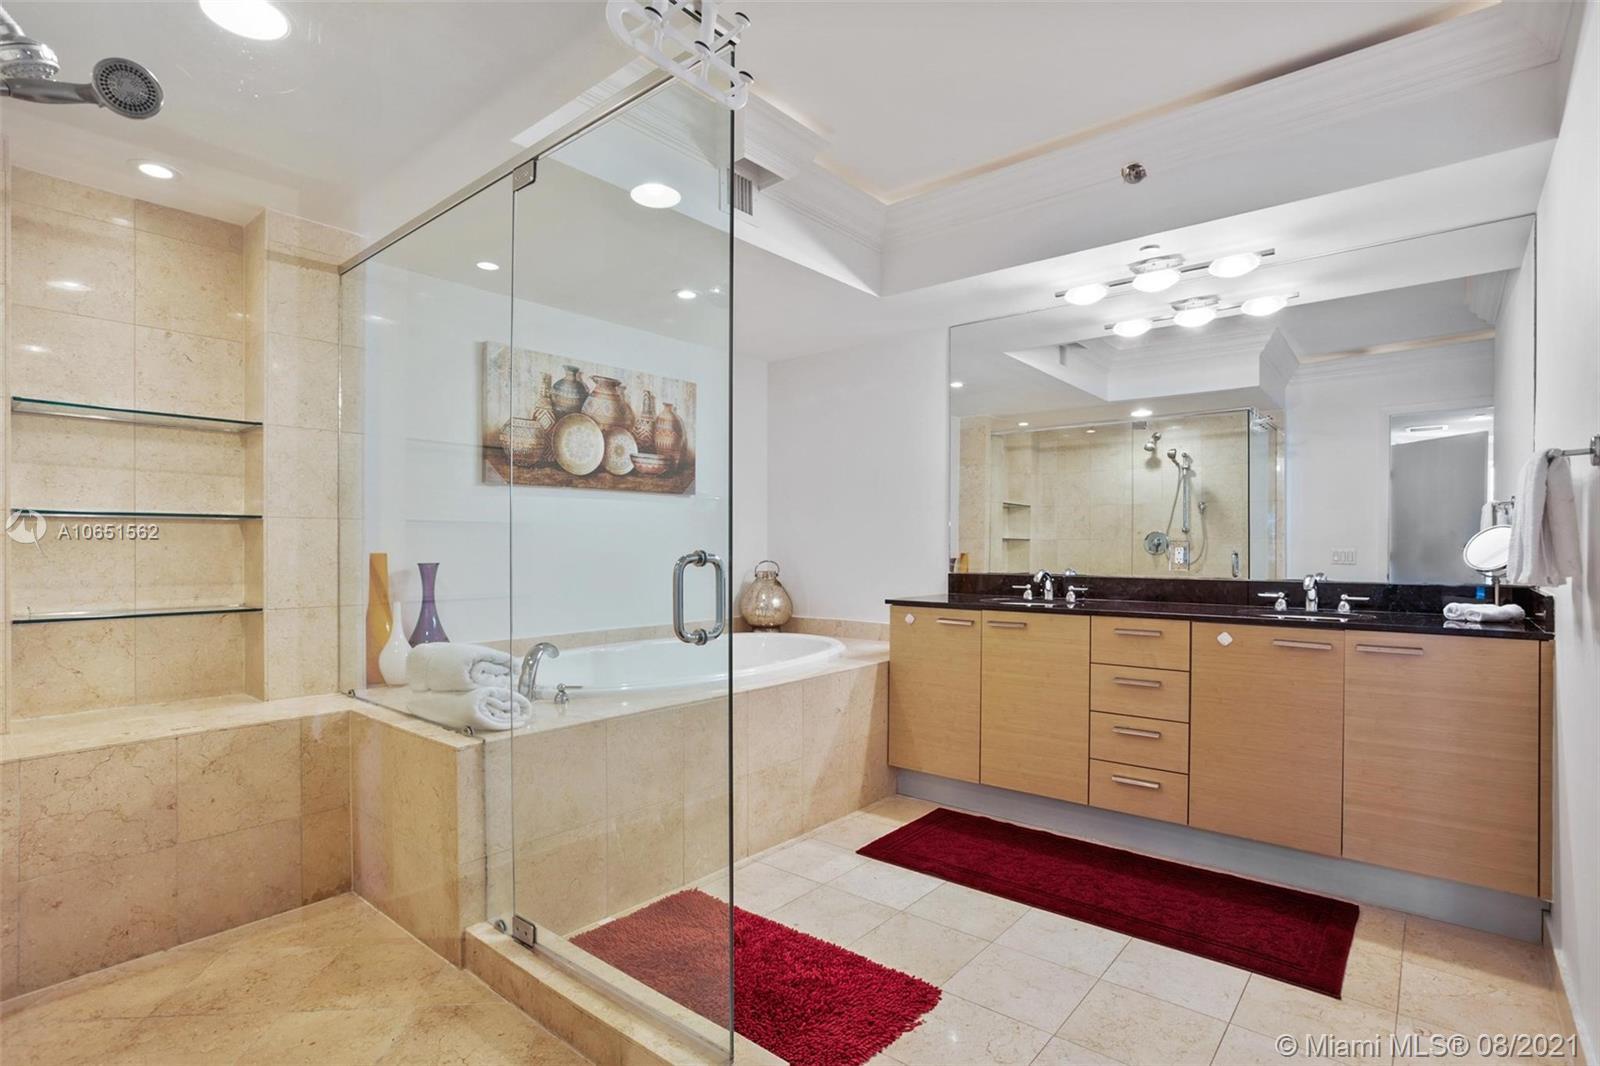 3011 3 / 2 1554 sq. ft. $ 2020-09-25 0 foto